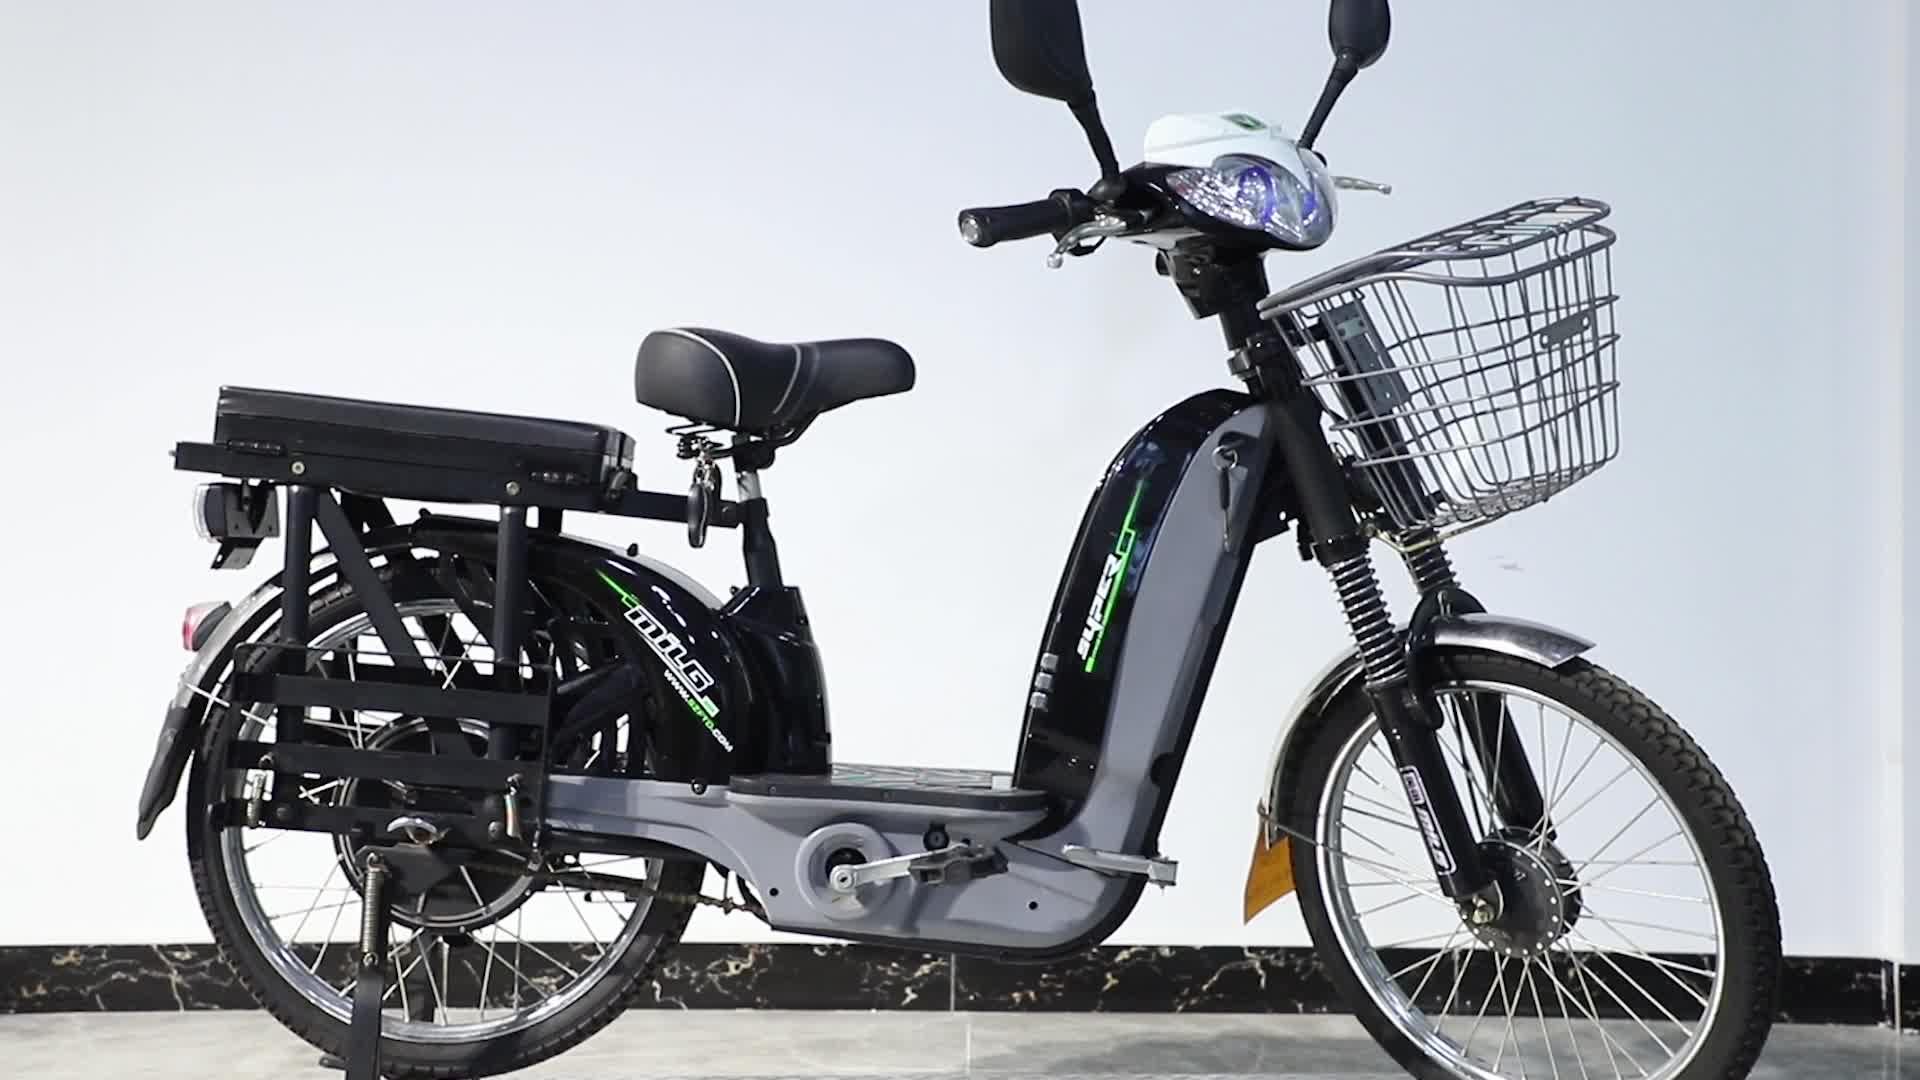 ร้อนขายซาอุดีอาระเบีย 350W 22 นิ้วไฟฟ้าจักรยาน/ebike พร้อม 60V12AH แบตเตอรี่สำหรับขาย